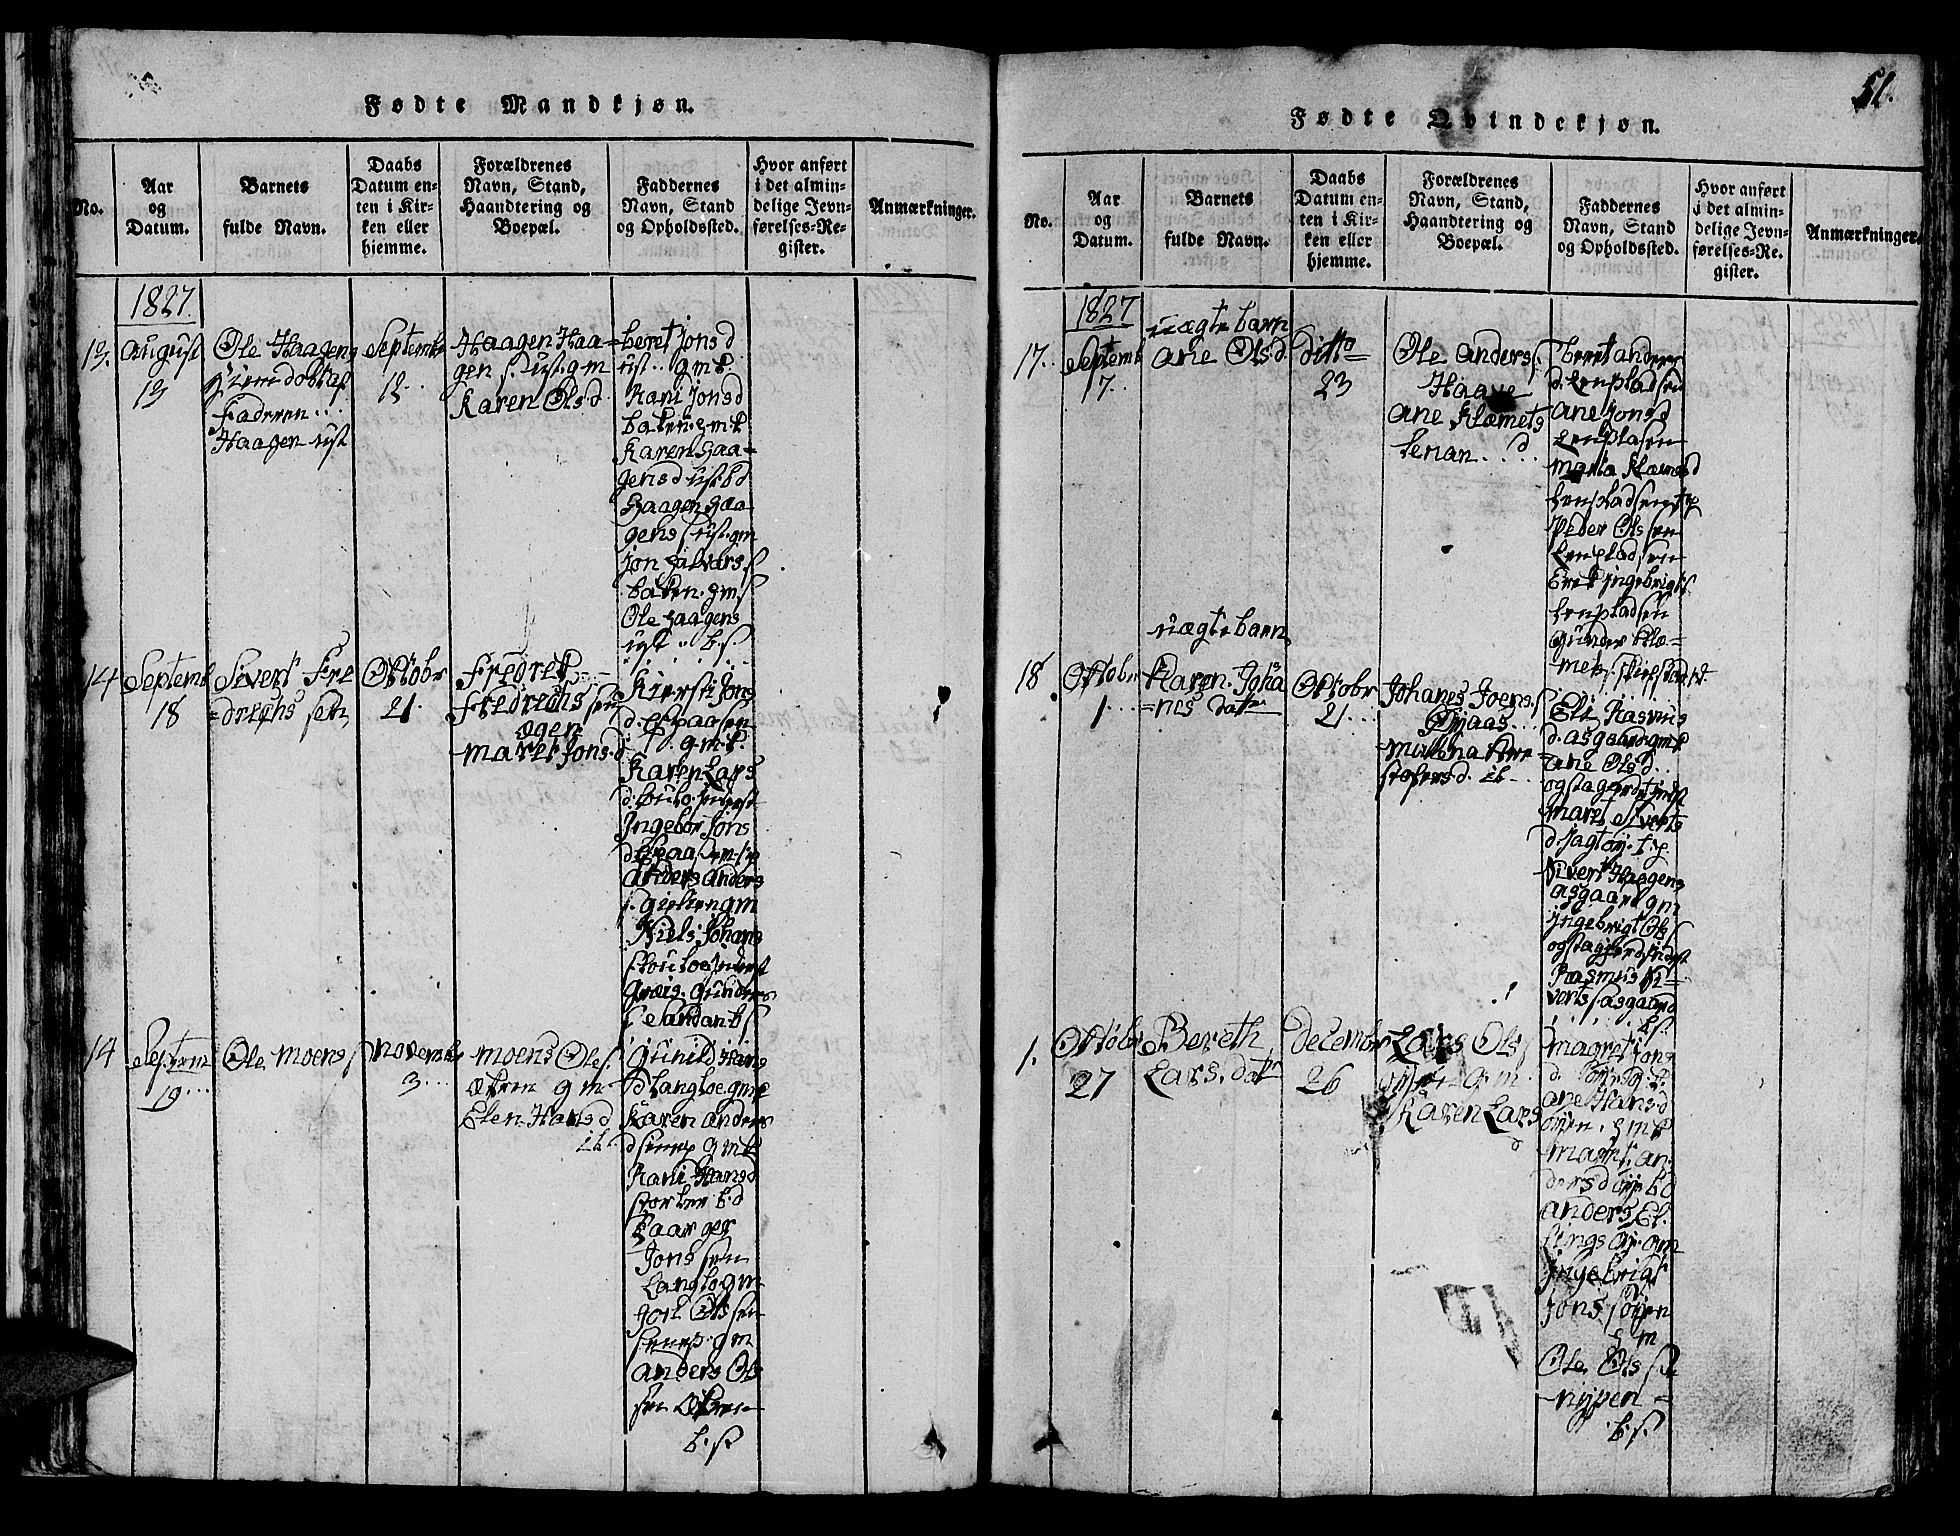 SAT, Ministerialprotokoller, klokkerbøker og fødselsregistre - Sør-Trøndelag, 613/L0393: Klokkerbok nr. 613C01, 1816-1886, s. 51